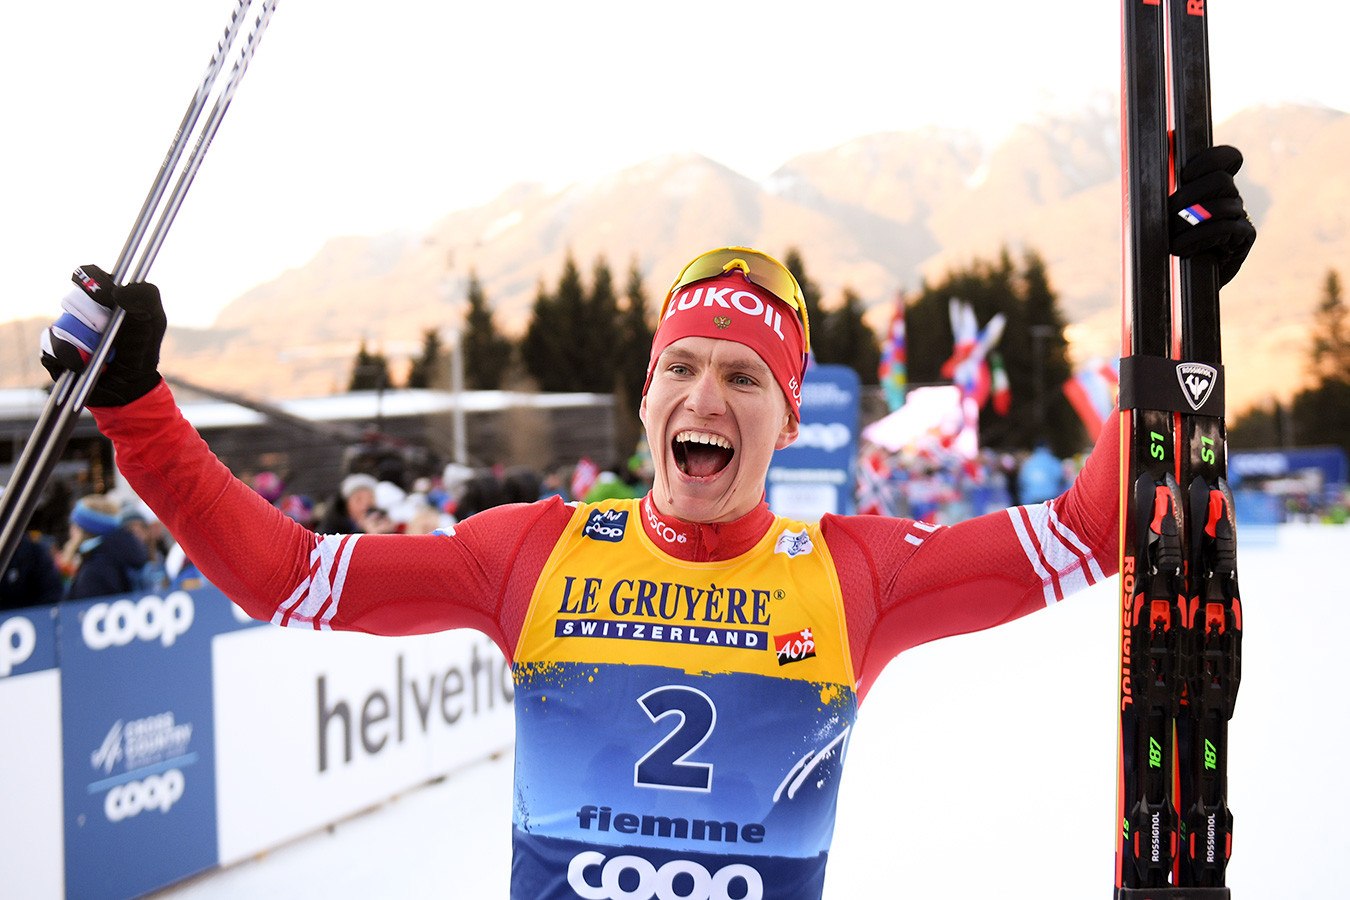 Лыжник Александр Большунов возглавил общий зачёт Кубка мира